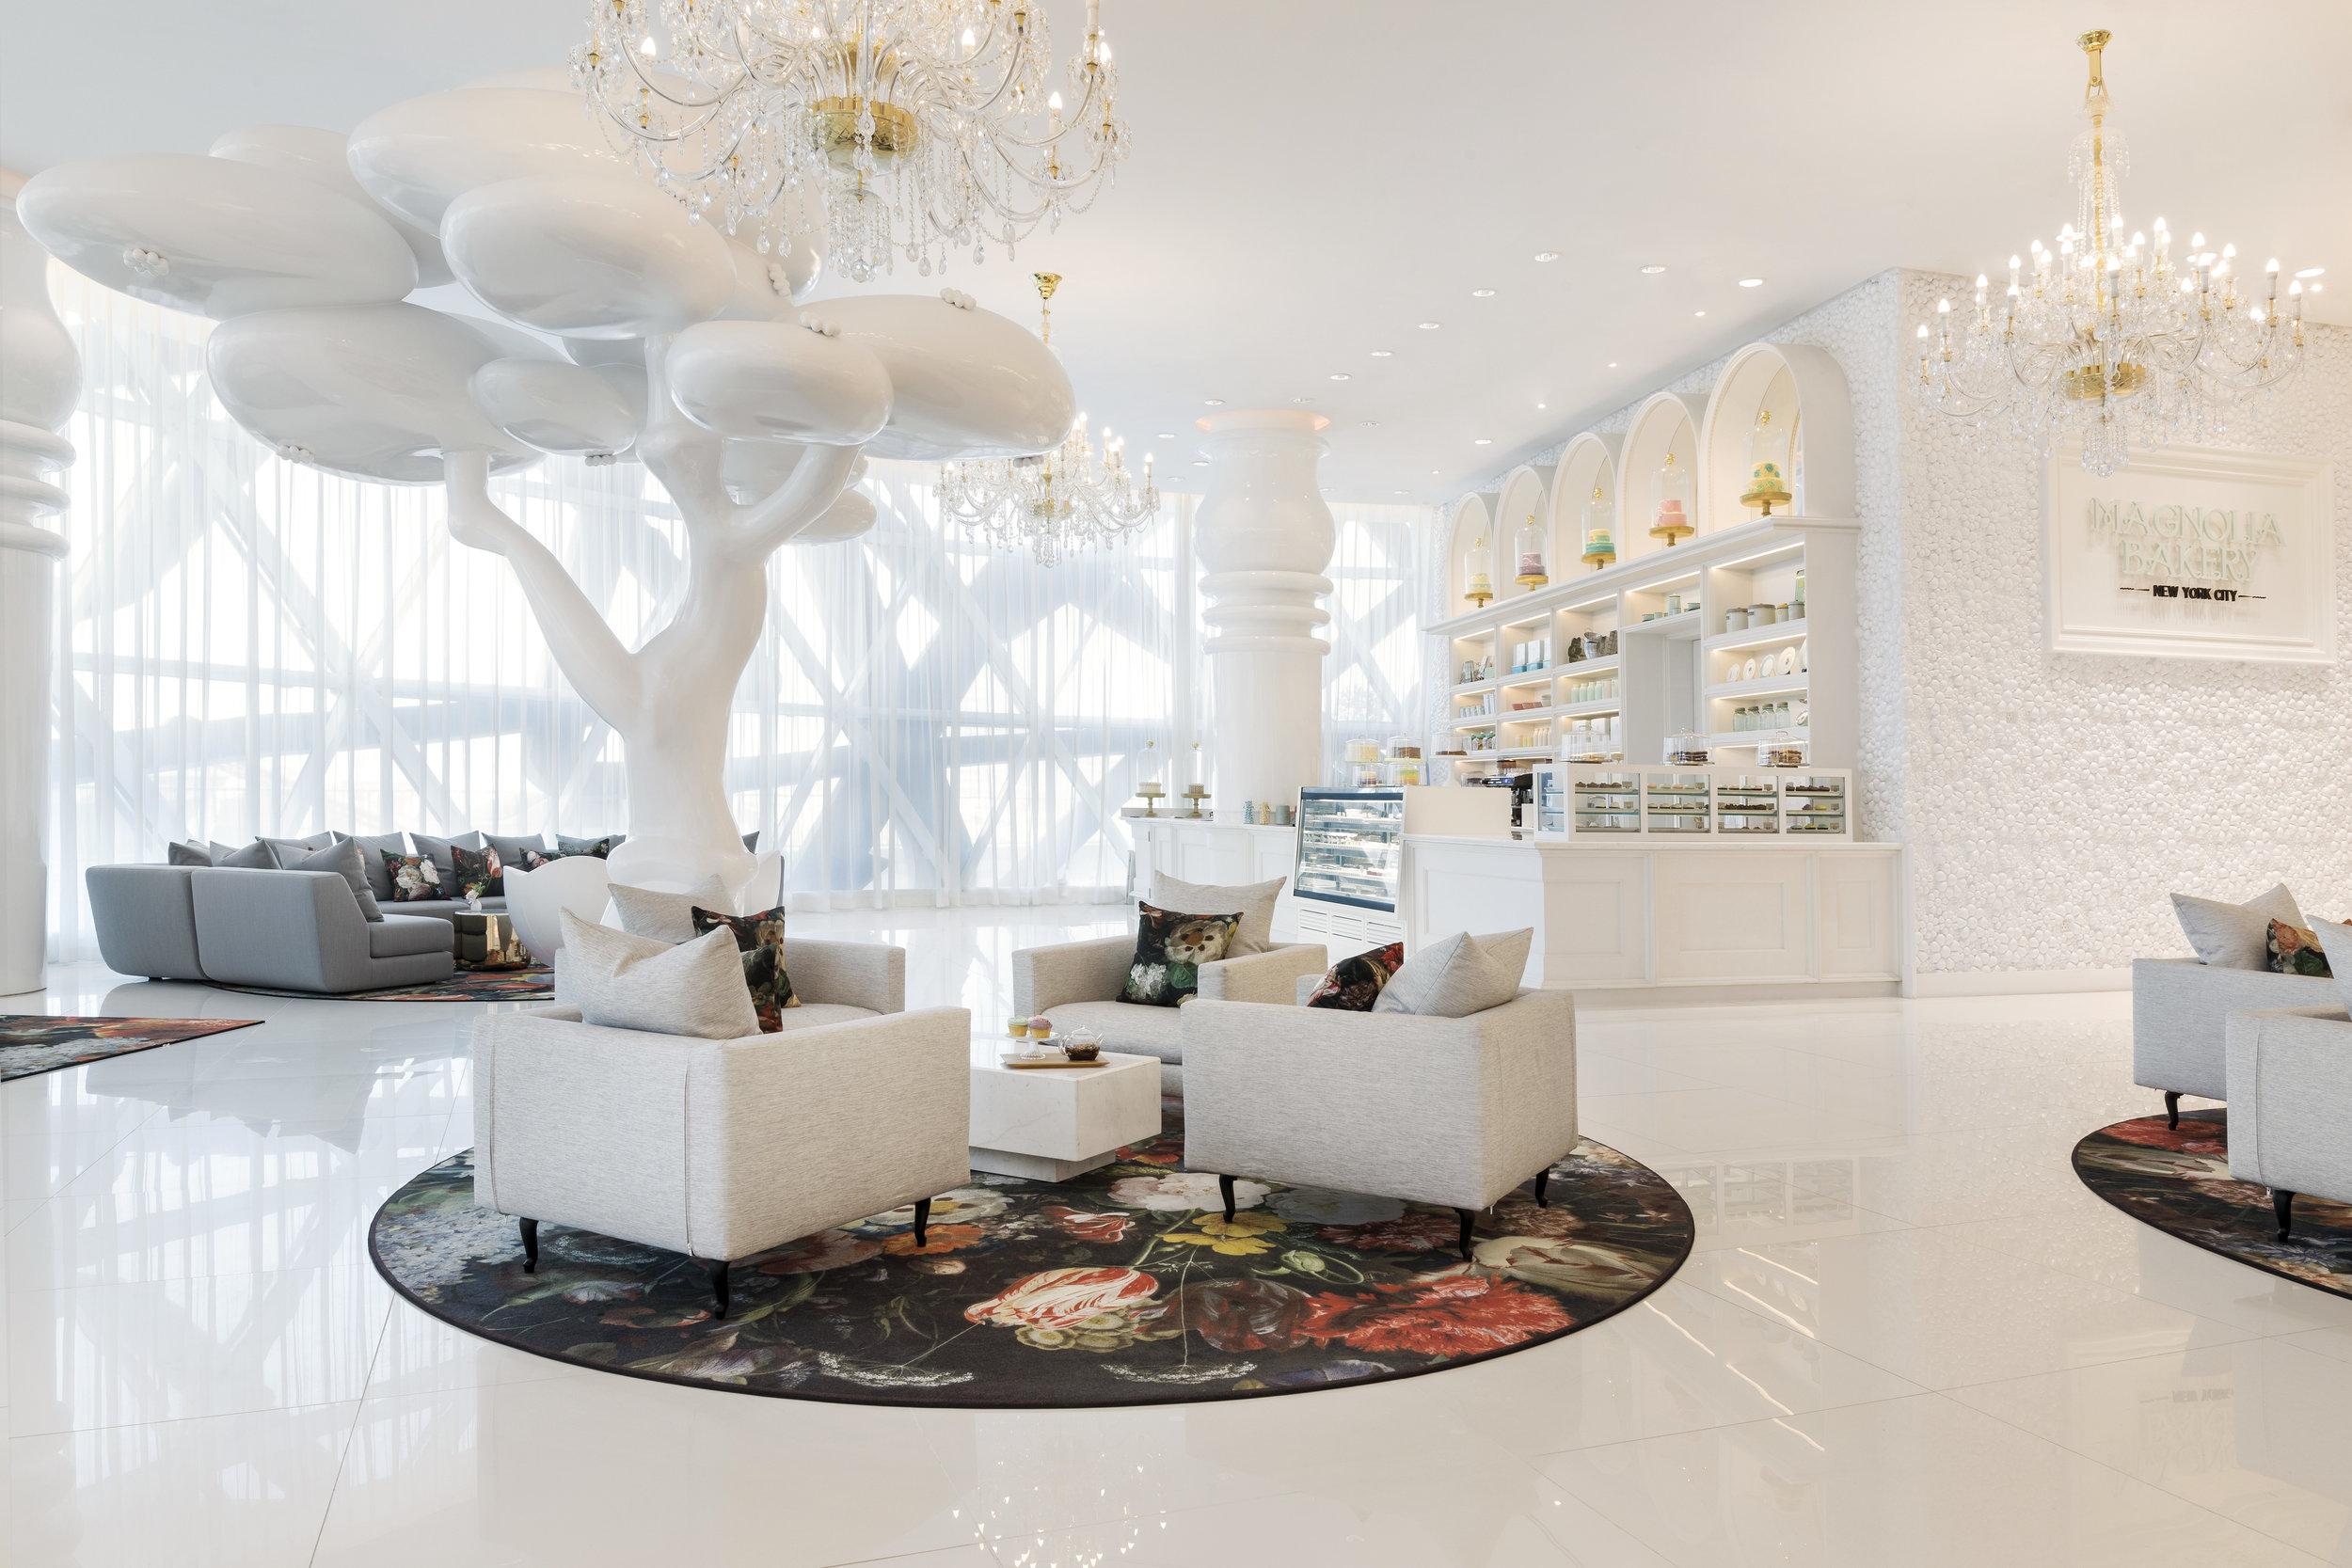 MW_MondrianDoha_magnolia_bakery_01.jpg